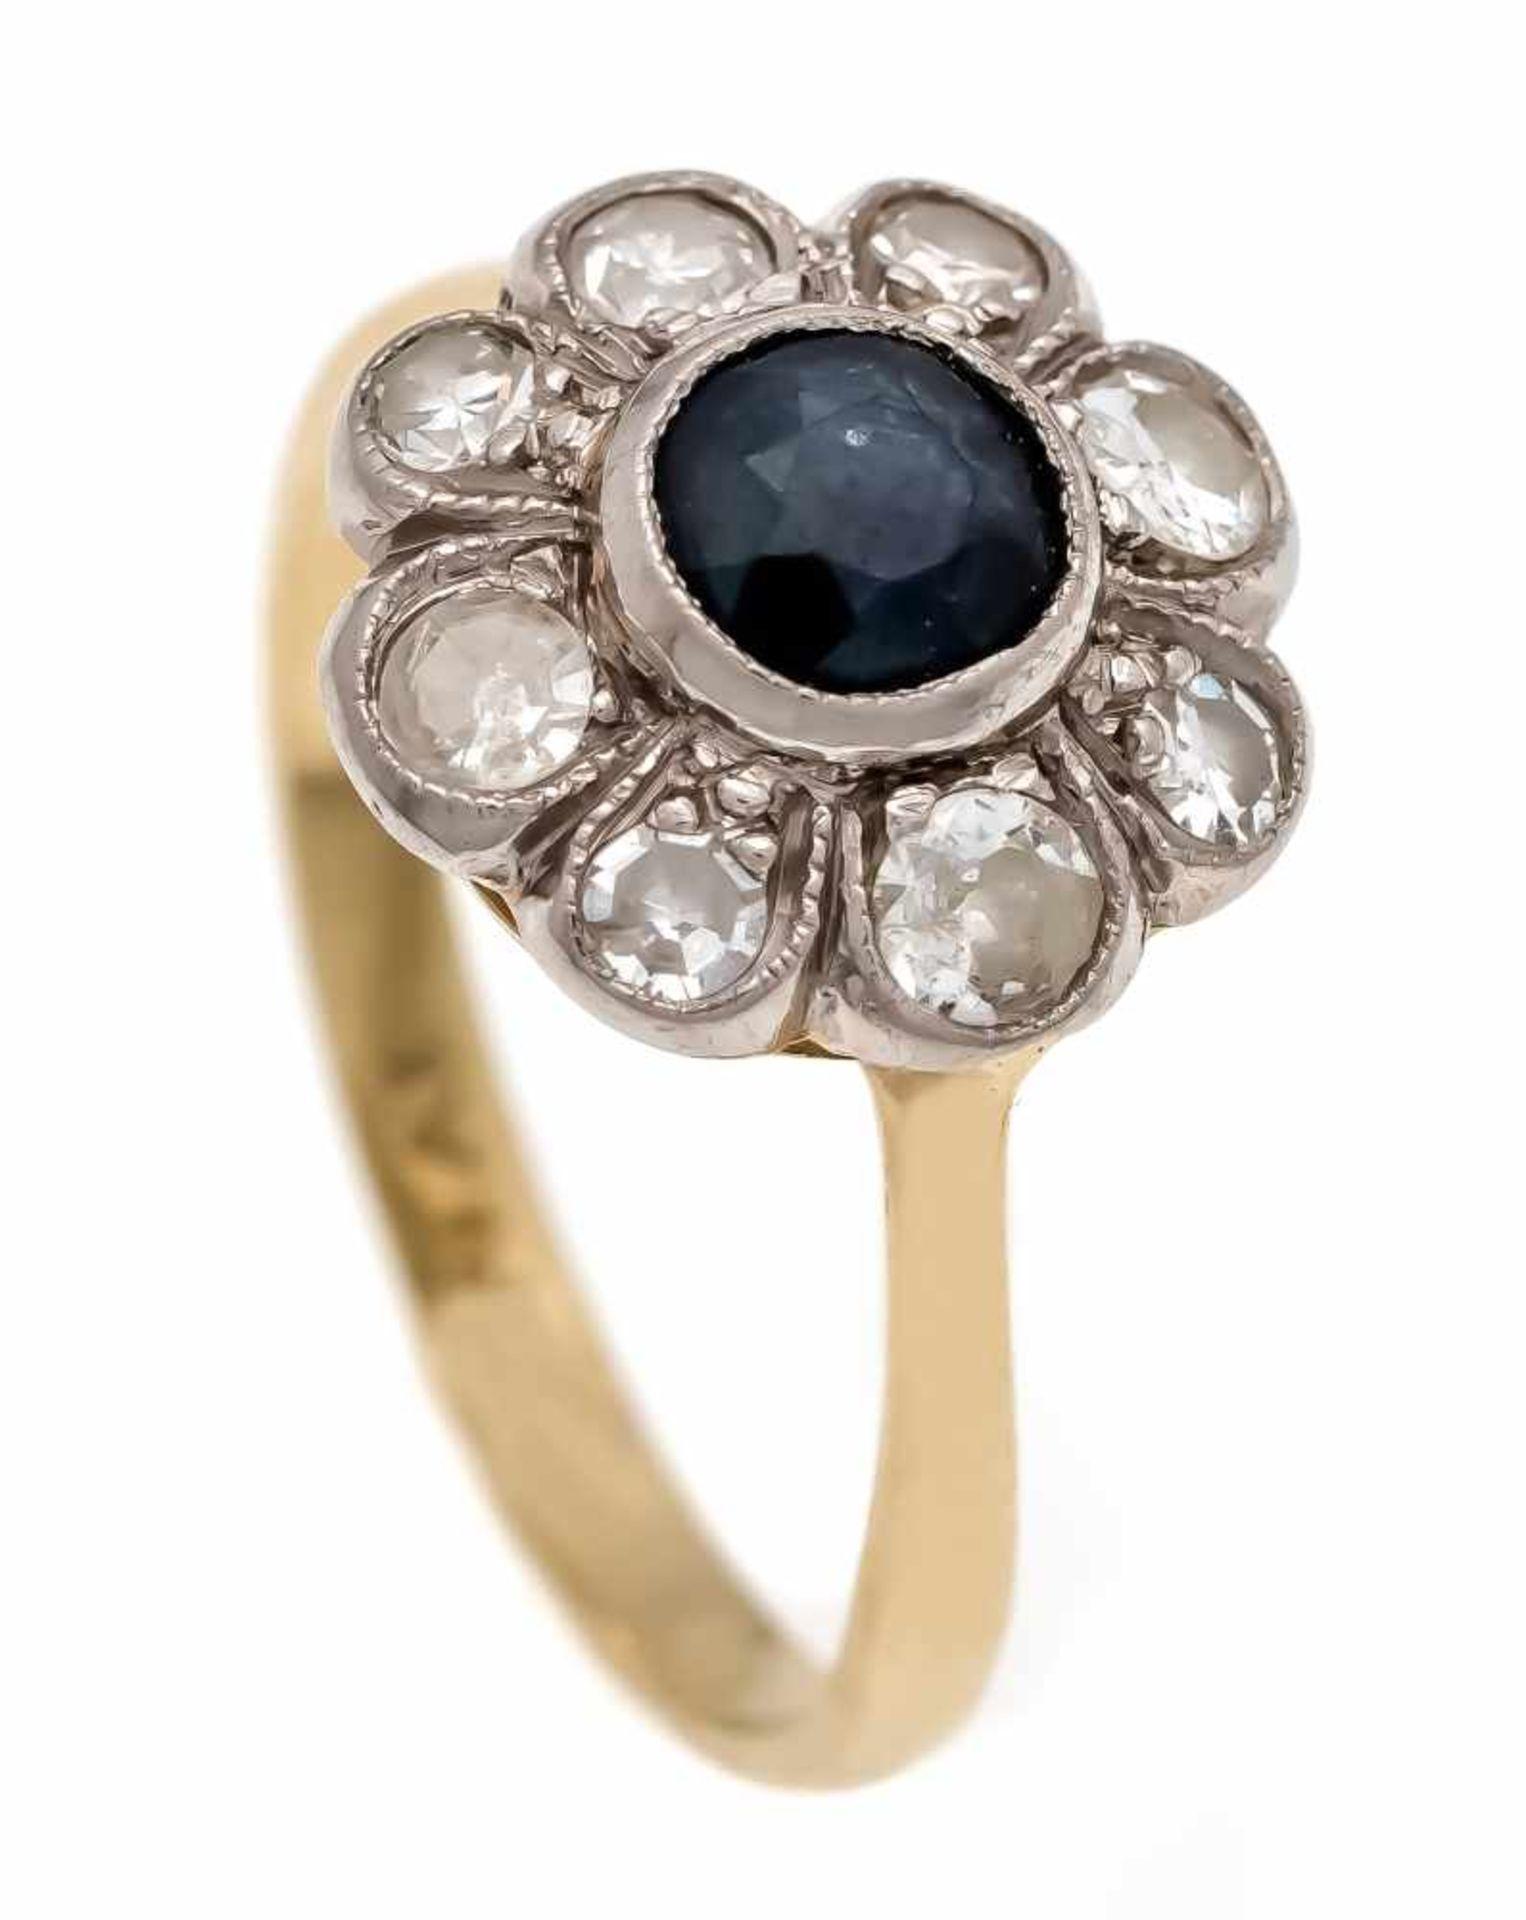 Saphir-Altschliff-Diamant-Ring GG 585/000 und Platin mit einem rund fac. Saphir 4 mm undAltschliff-